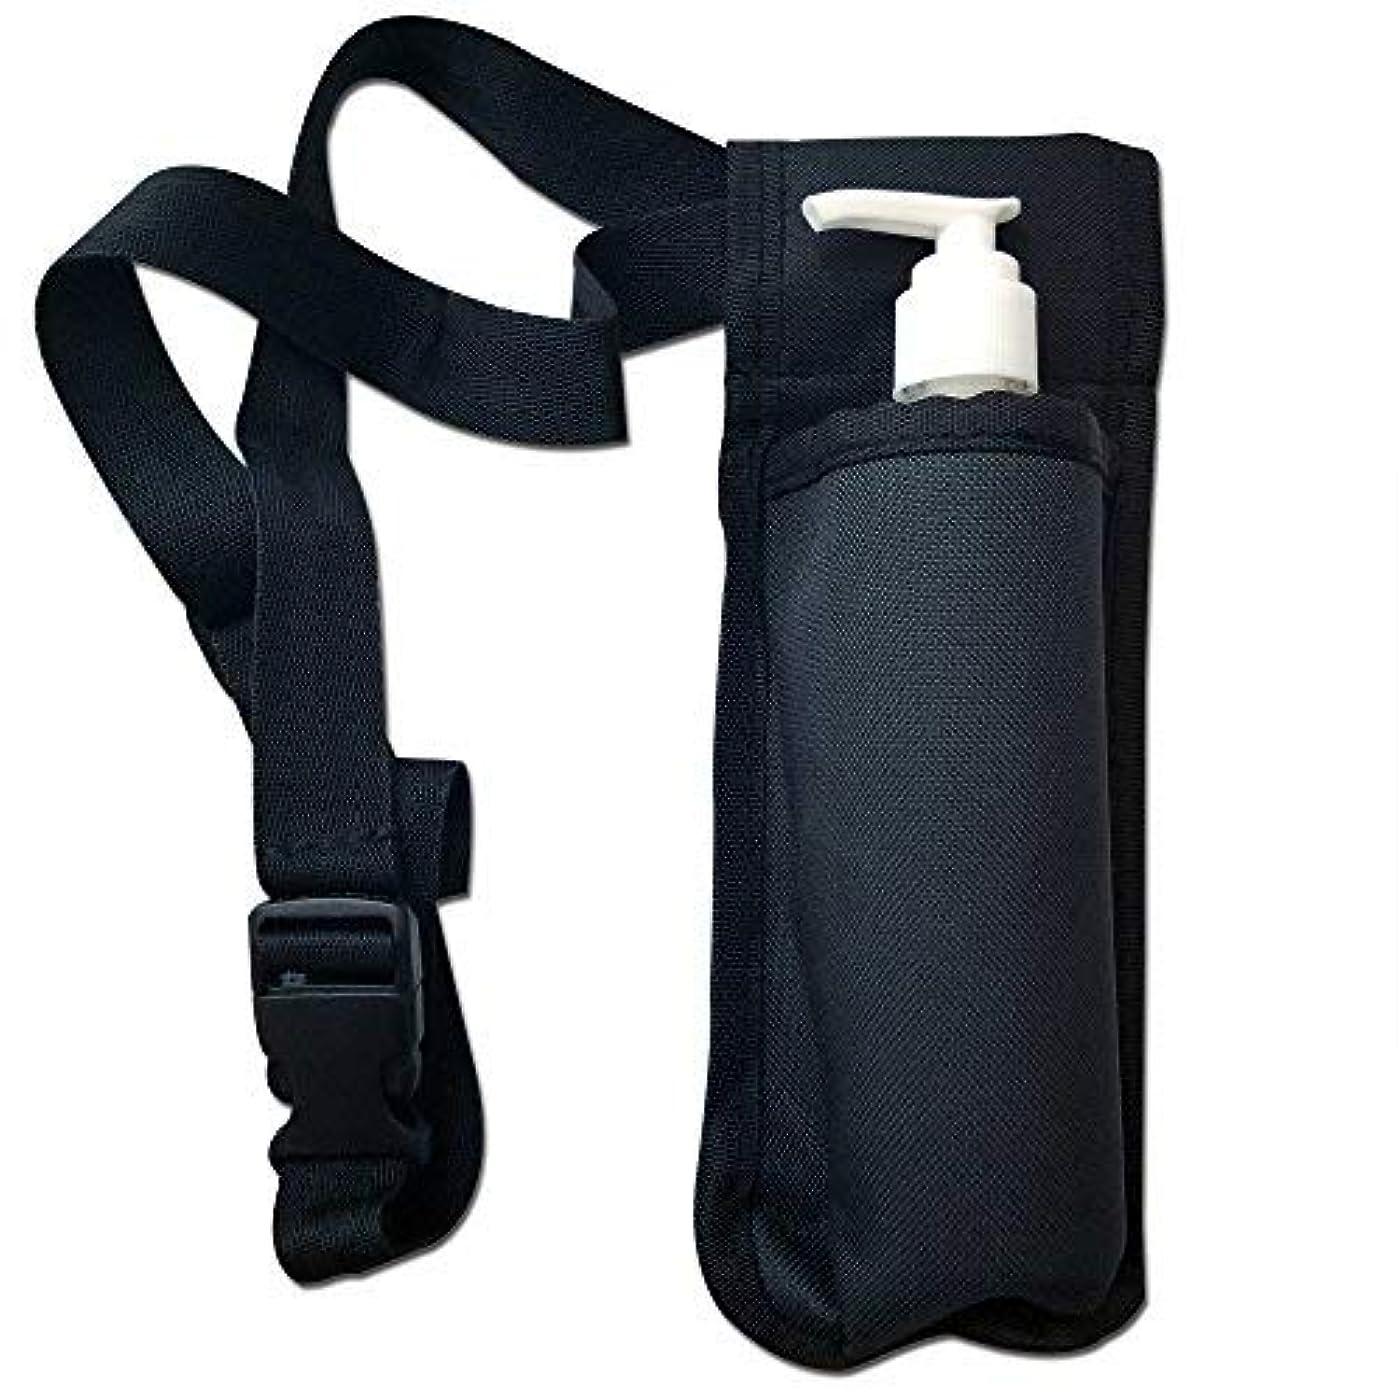 モノグラフシミュレートする雨のTOA Single Bottle Holster Adjustable Strap w/ 6oz Bottle for Massage Oil, Lotion, Cream [並行輸入品]